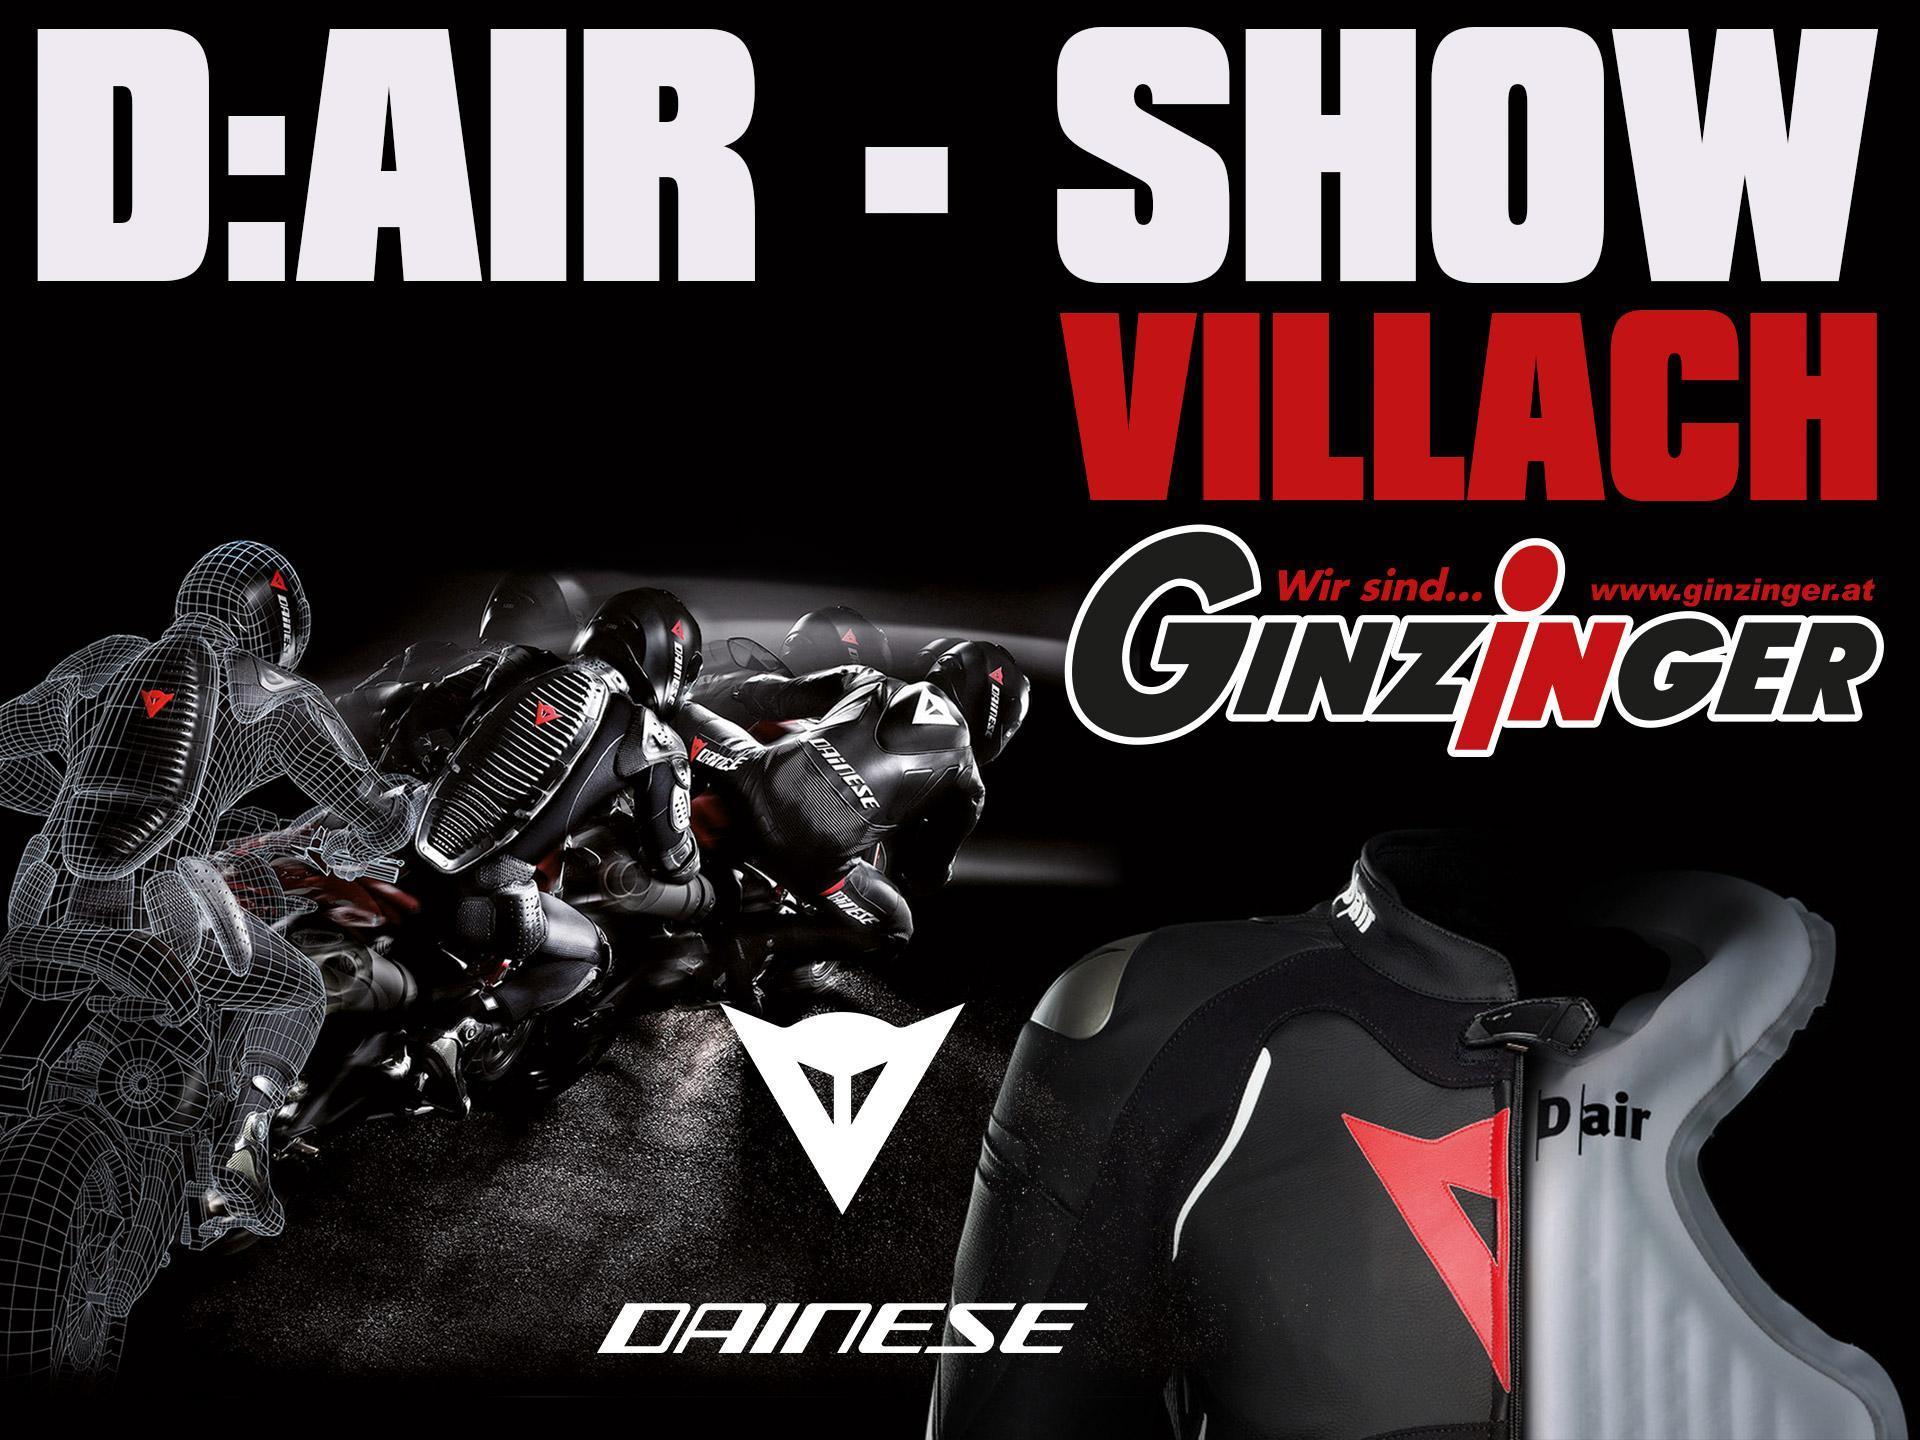 Dainese D:AIR Event bei Ginzinger Villach